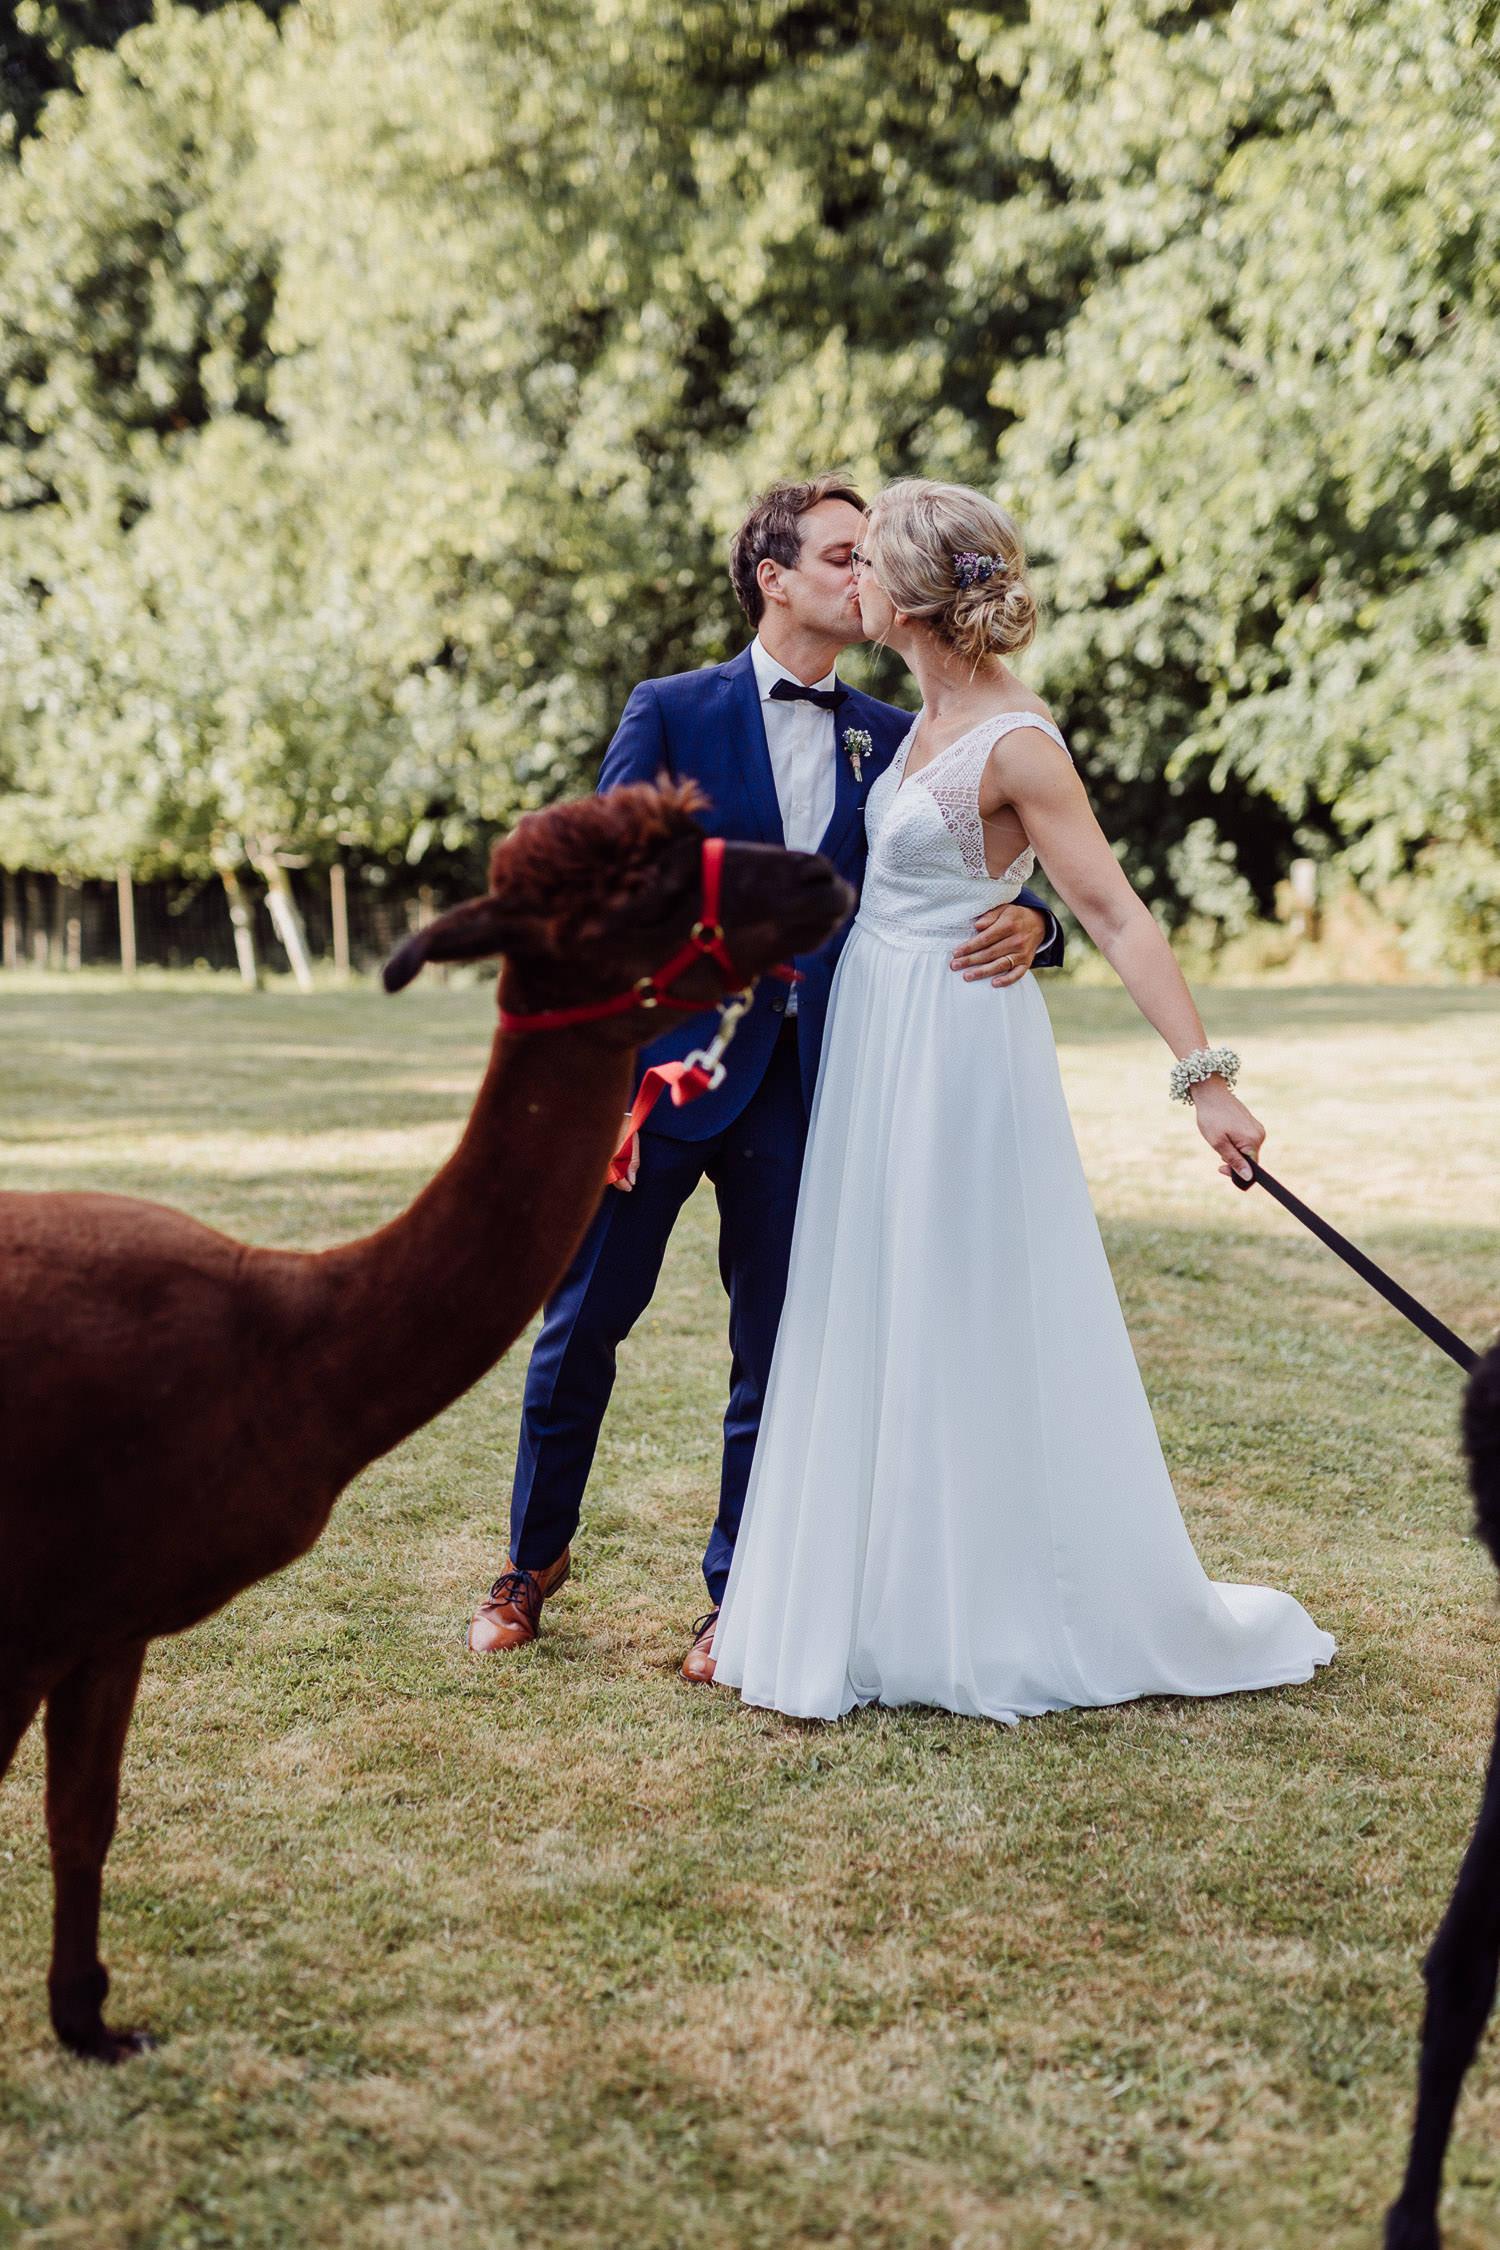 Hochzeitsfoto mit Alpakas auf dem Hof von Laer